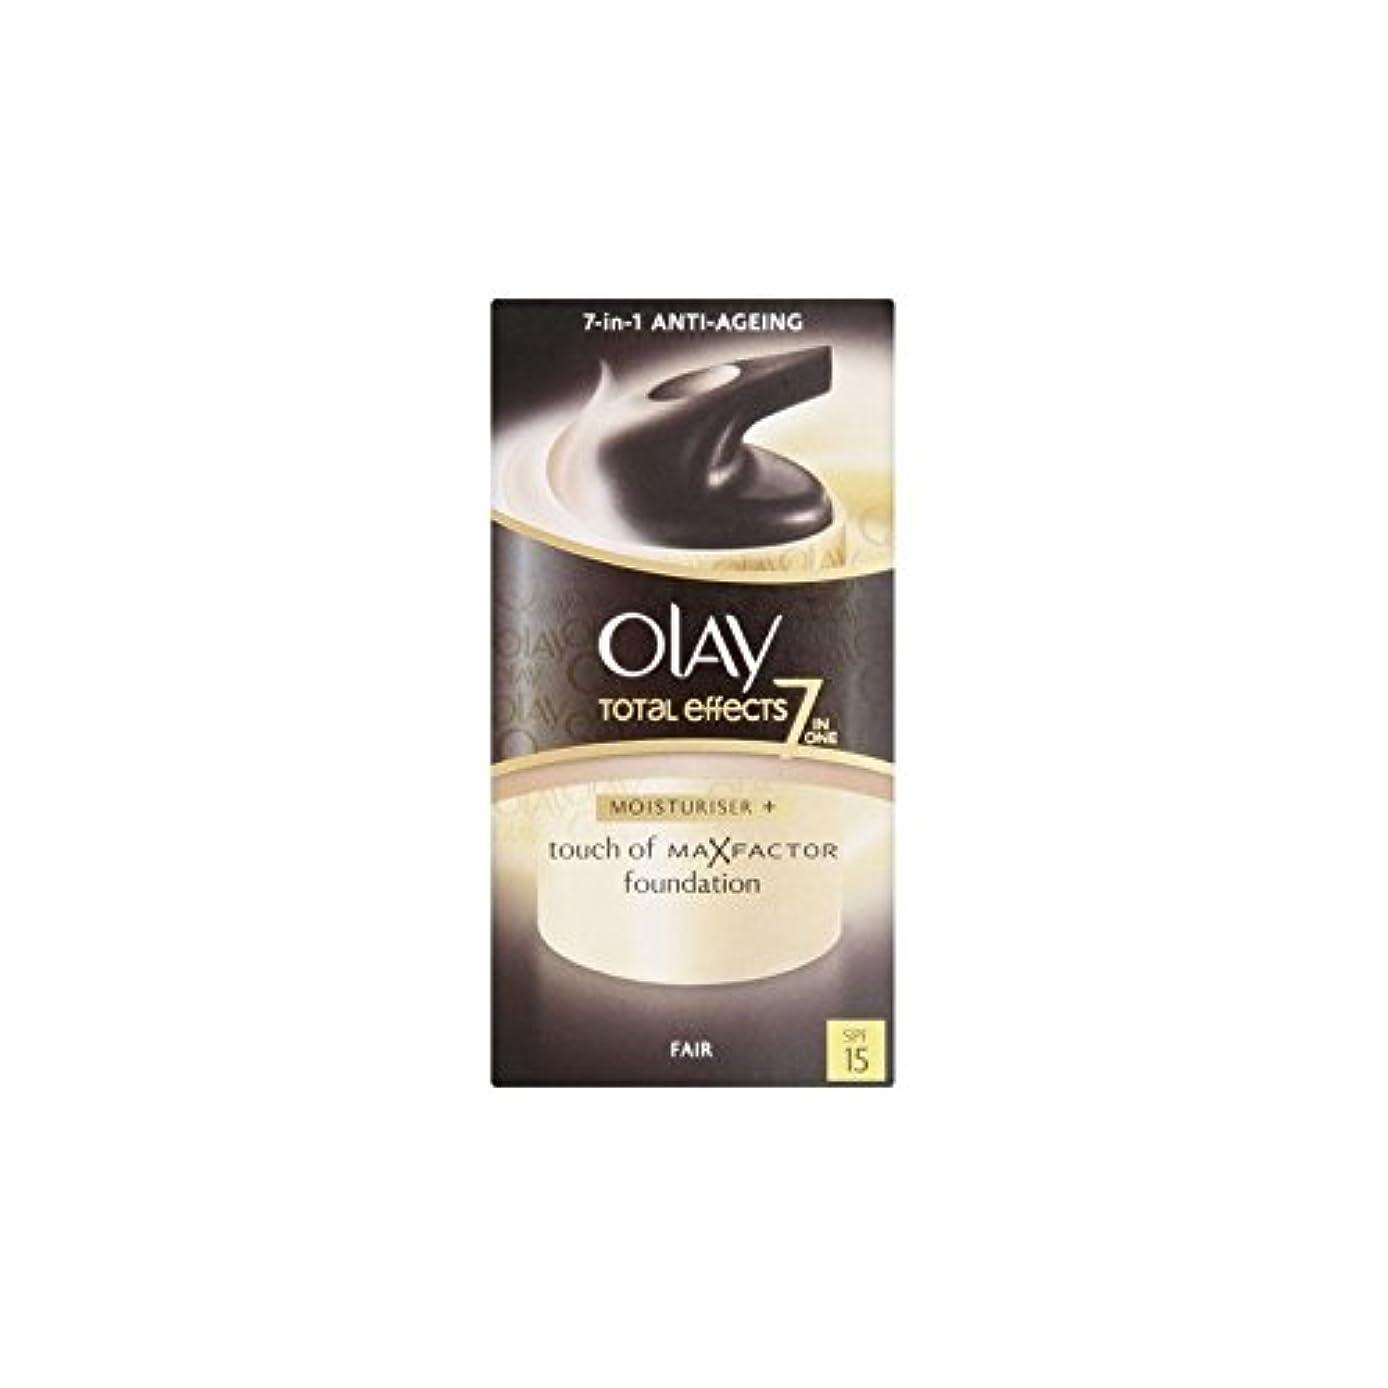 田舎者不適切な自明Olay Total Effects Moisturiser Bb Cream Spf15 - Fair (50ml) - オーレイトータルエフェクト保湿クリーム15 - フェア(50ミリリットル) [並行輸入品]